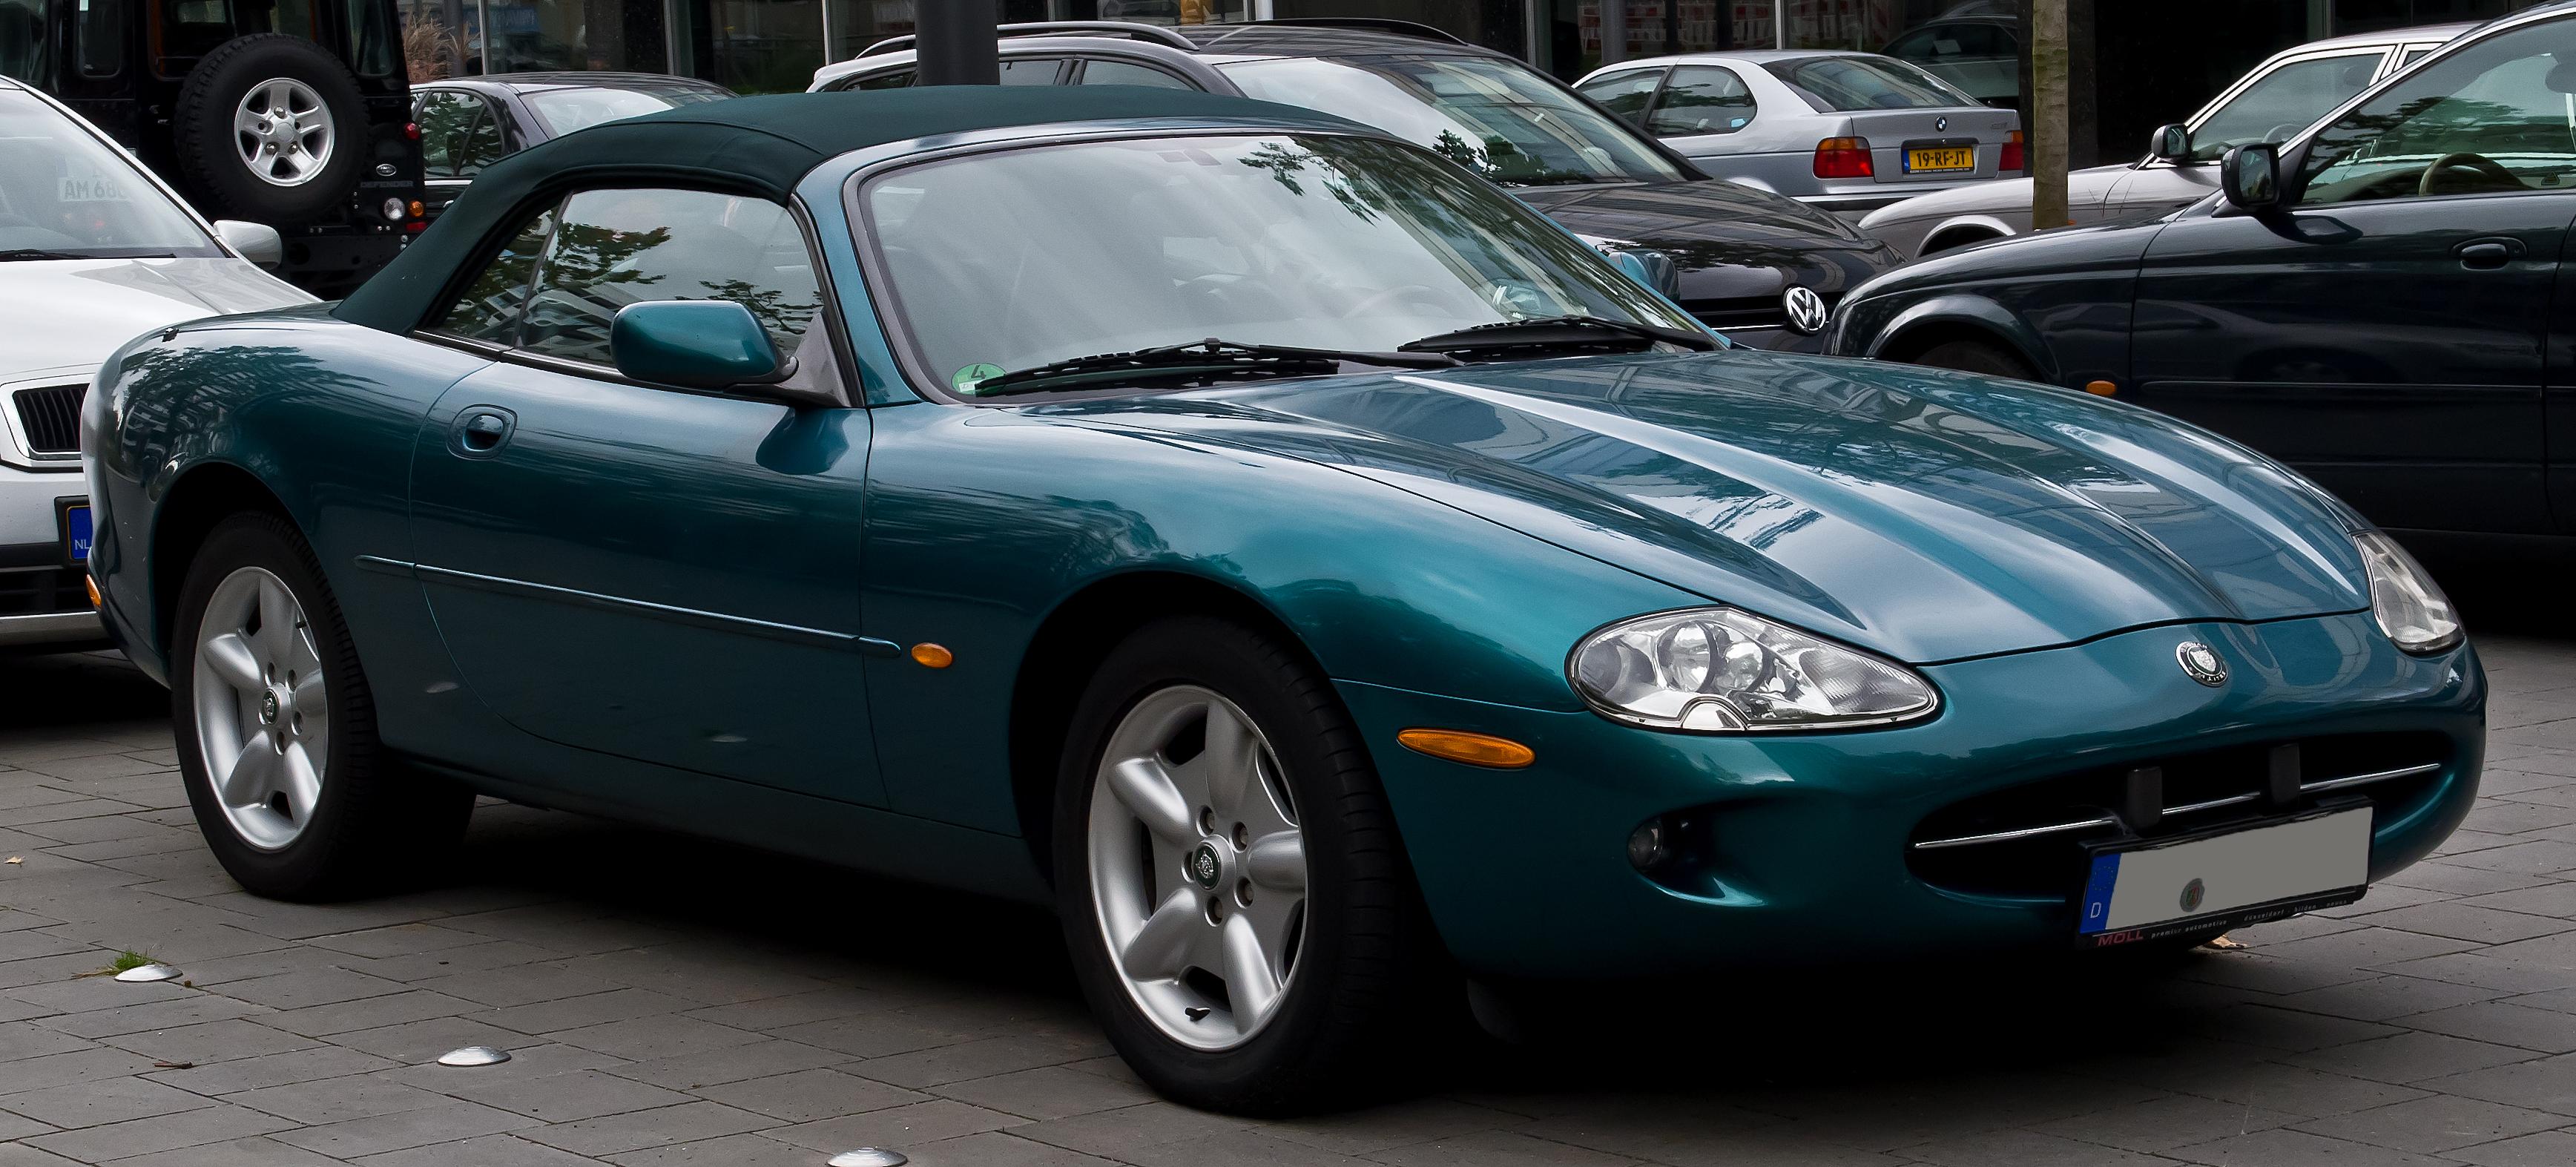 jaguar wiki by powered wikia fandom cars latest matchbox cb